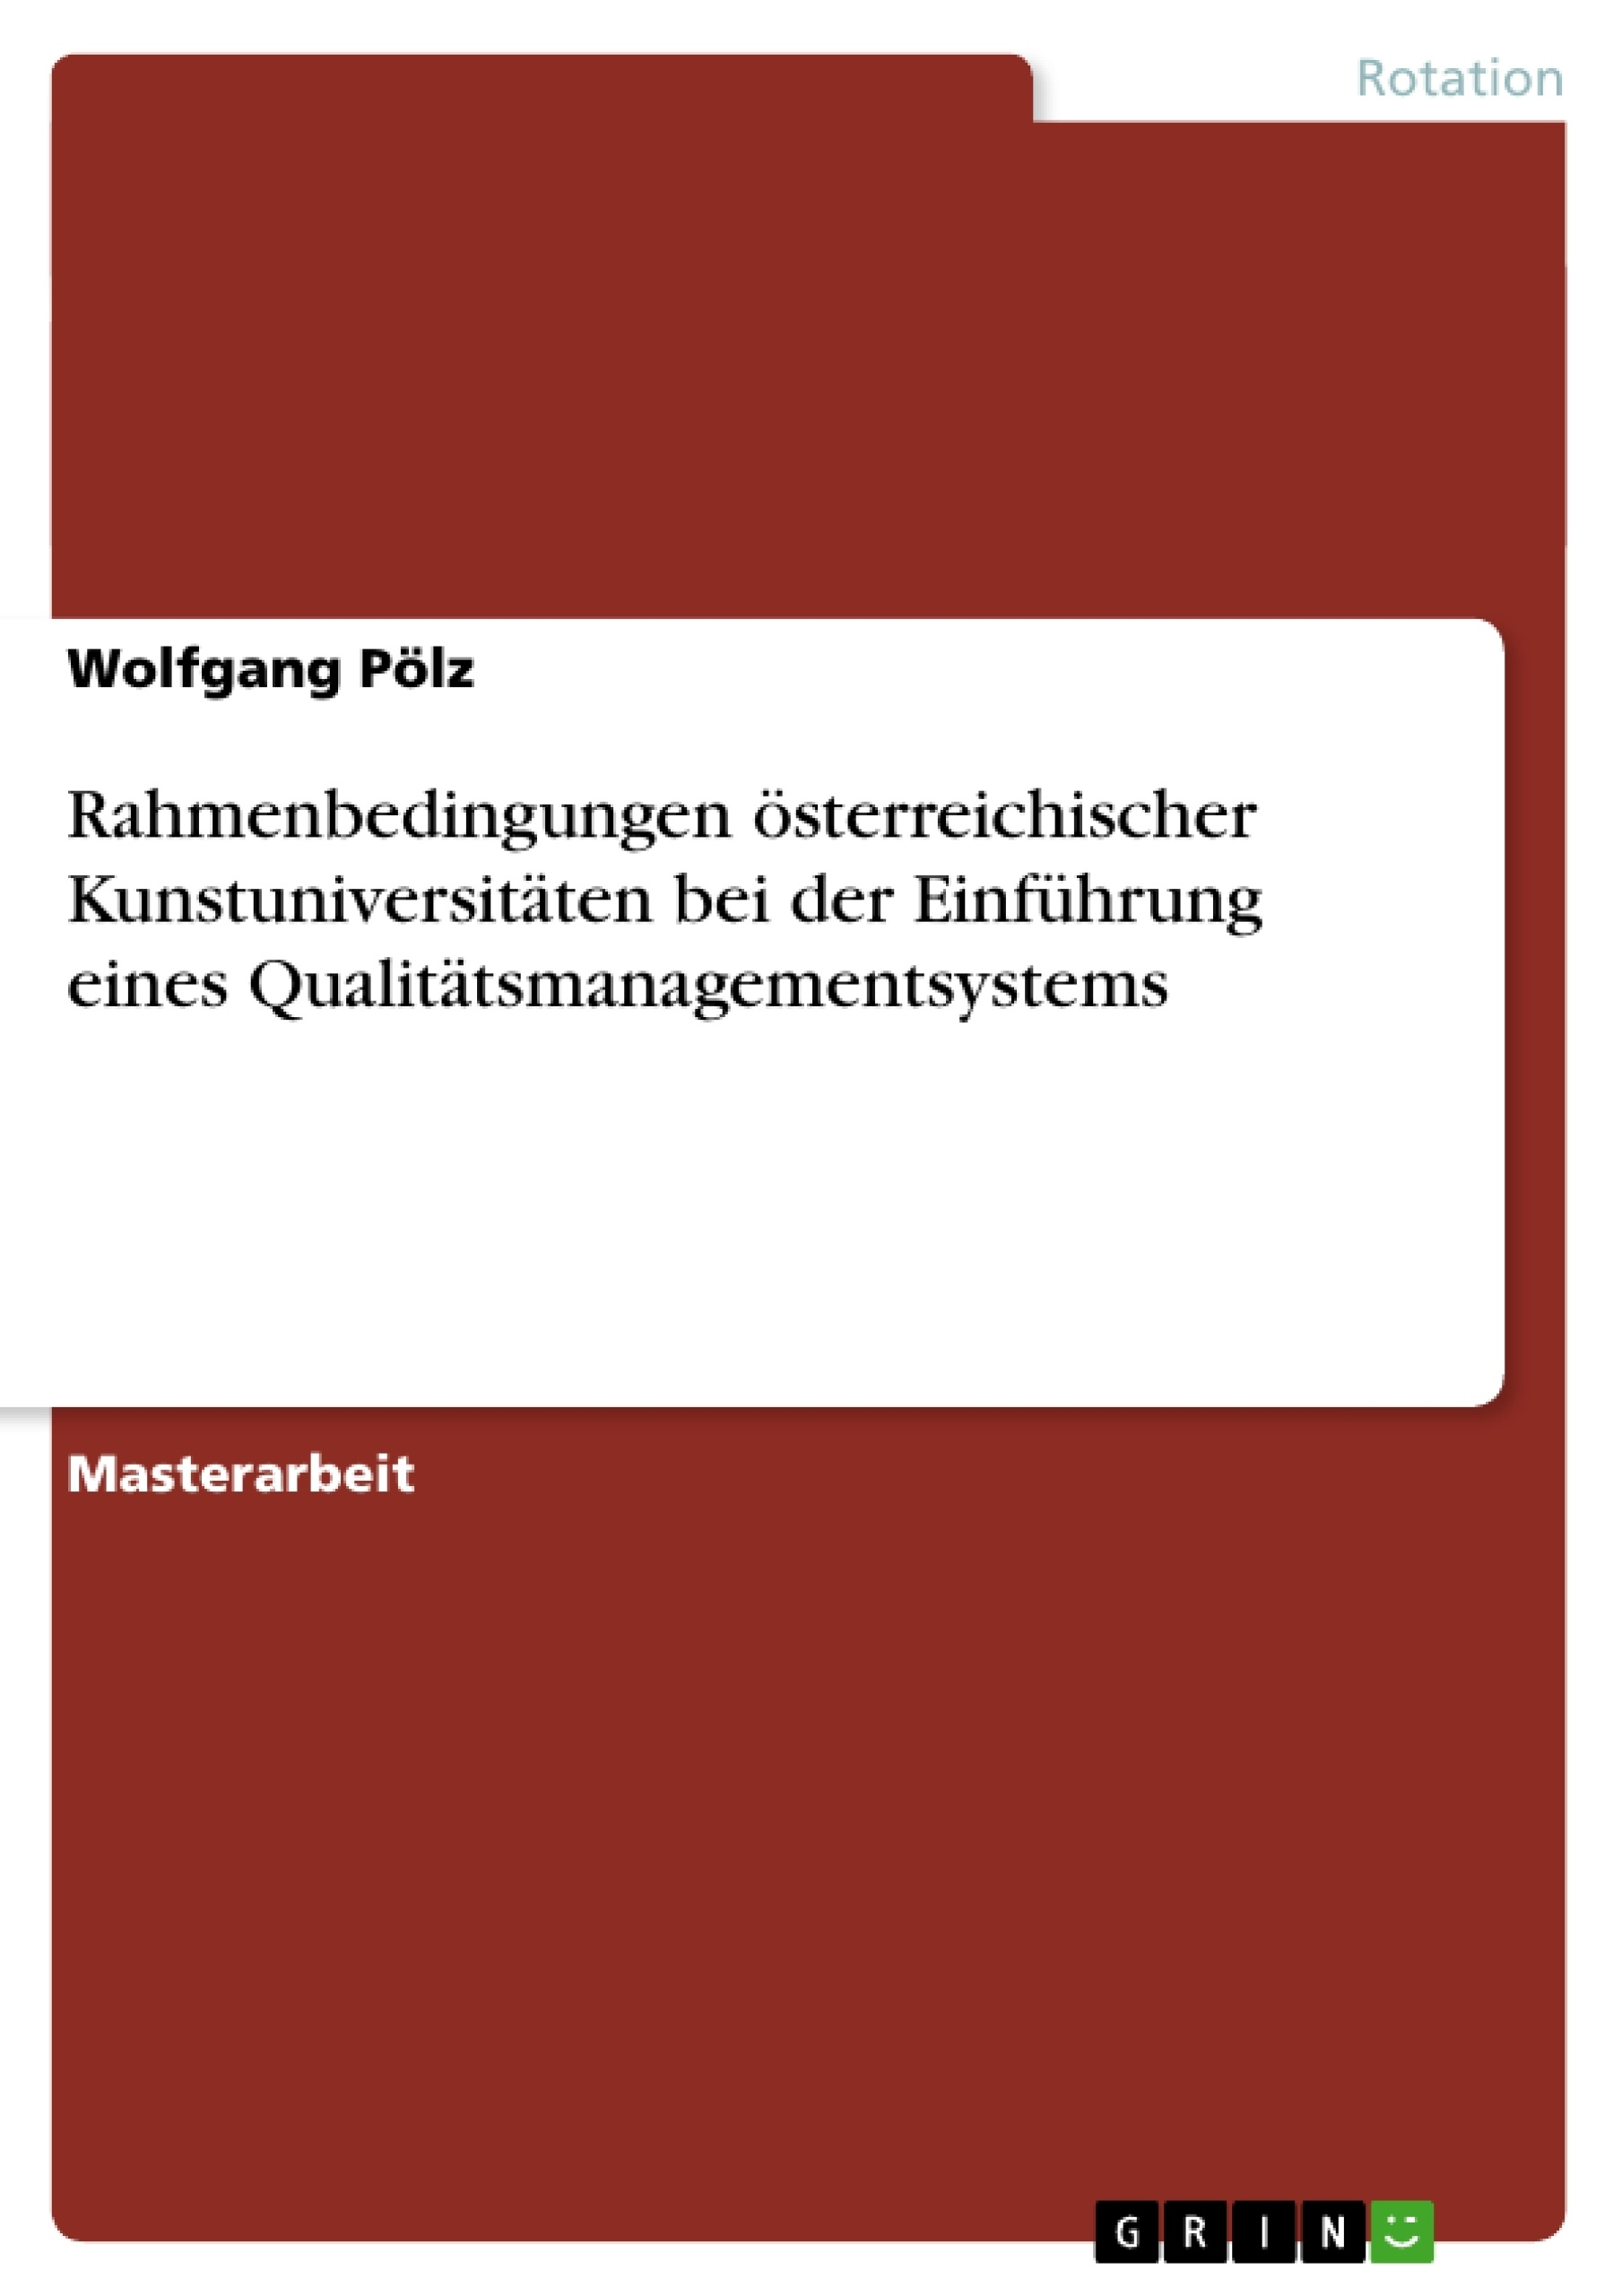 Titel: Rahmenbedingungen österreichischer Kunstuniversitäten bei der Einführung eines Qualitätsmanagementsystems